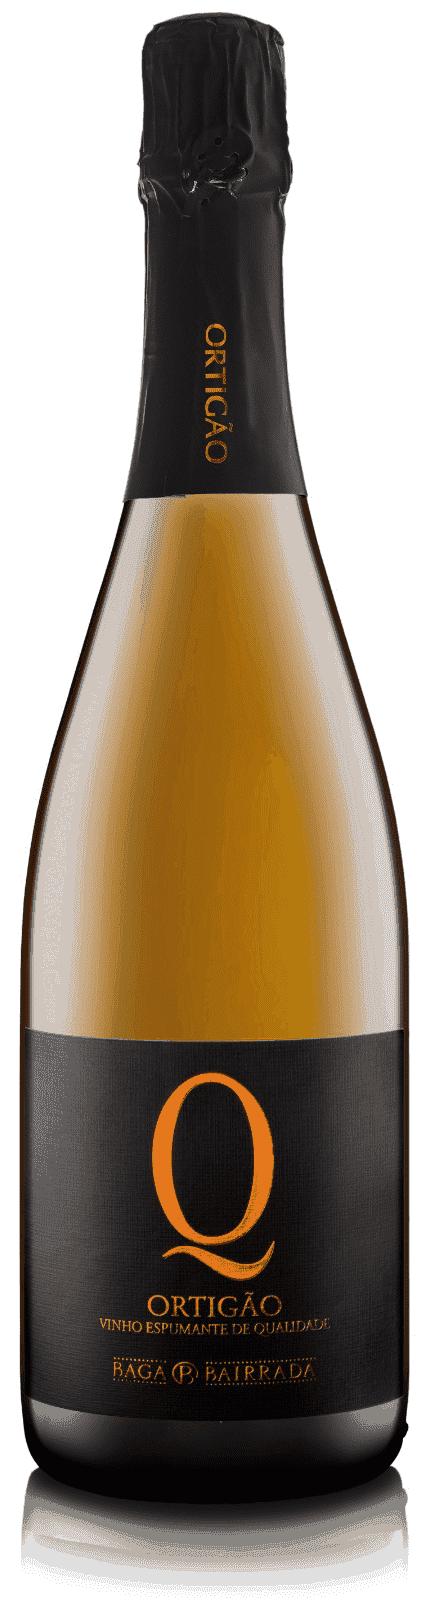 Portugalské víno Quinta do Ortigão Espumante Baga Bruto na eshopu vín z Portugalska